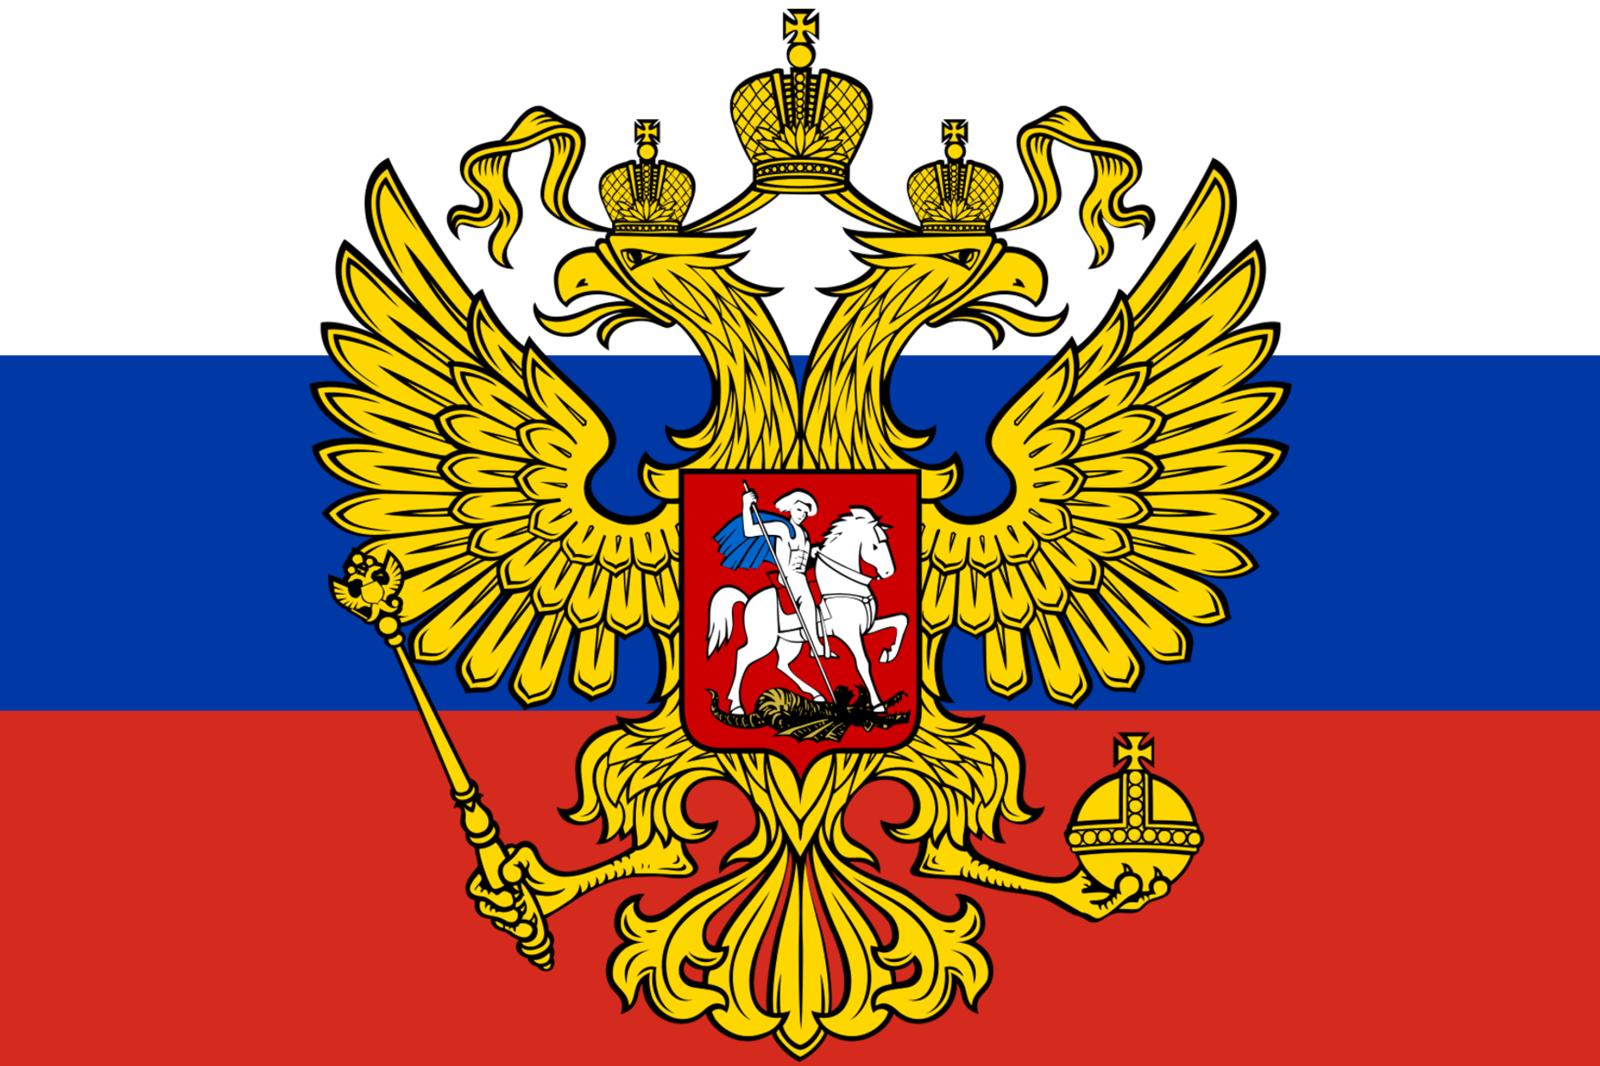 「russia」的圖片搜尋結果